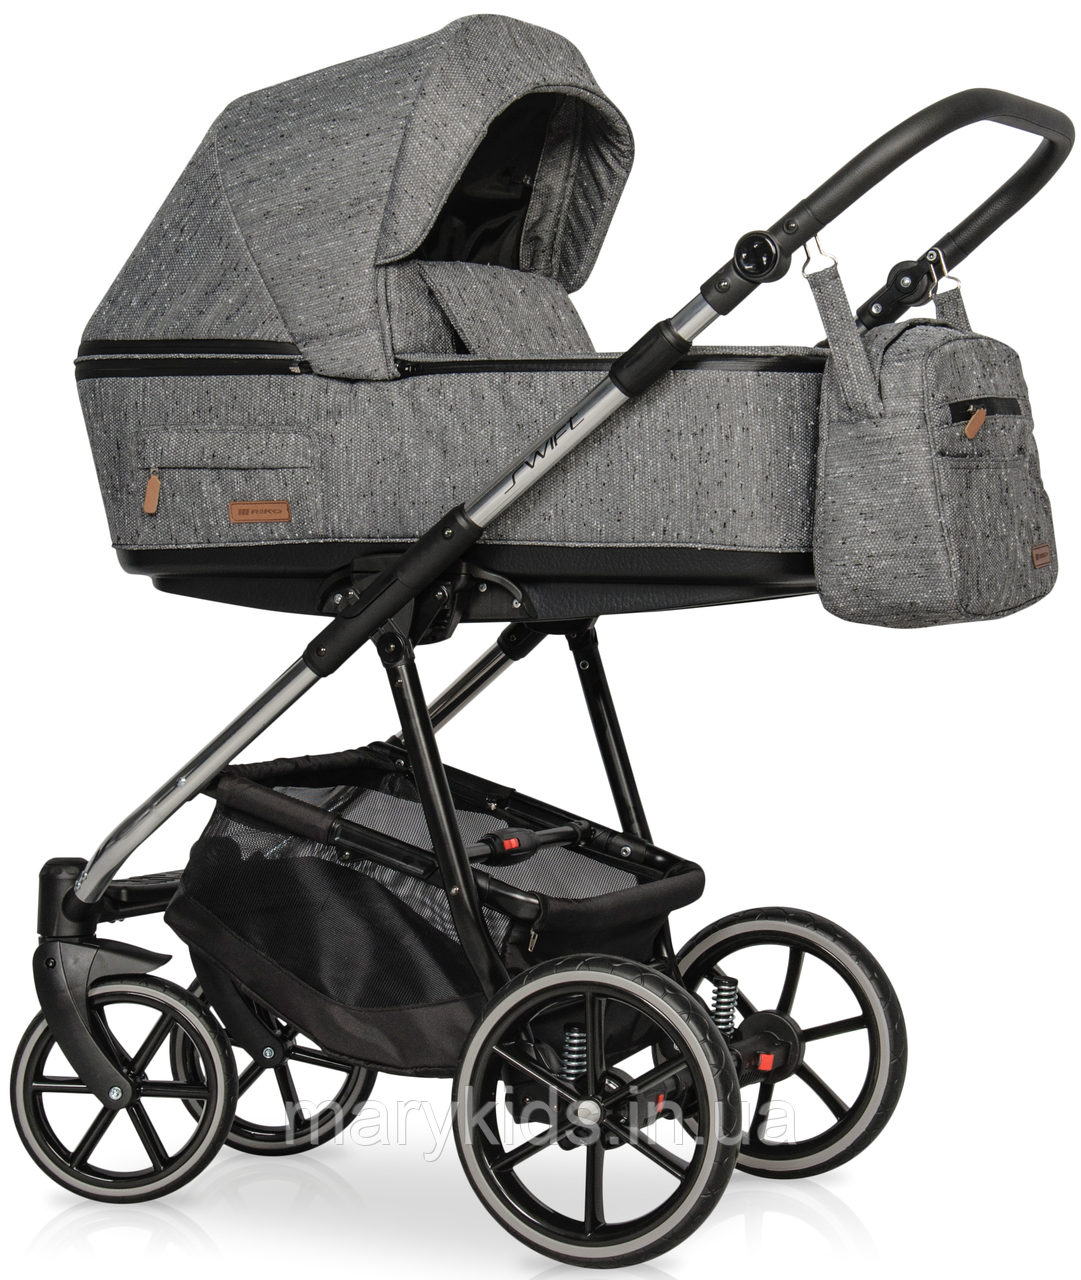 Детская универсальная коляска 3 в 1 Riko Swift Premium 12 Titanium